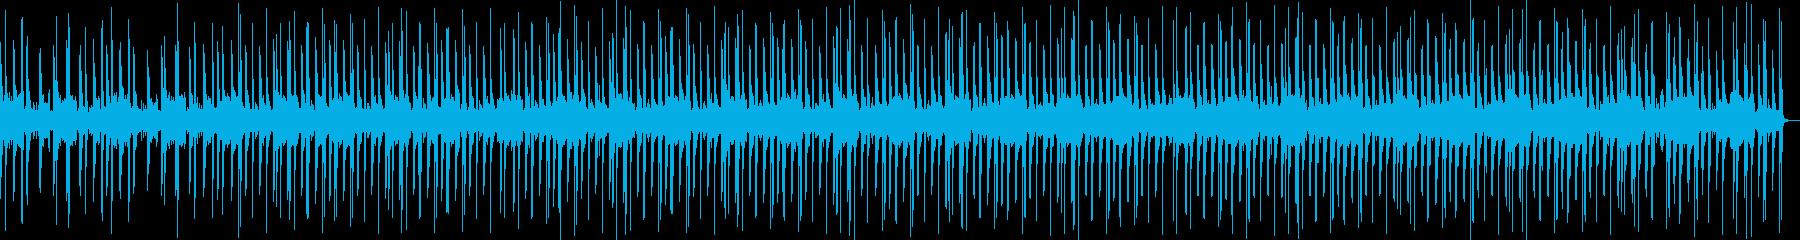 カッコイイギターフレーズのヒップホップの再生済みの波形